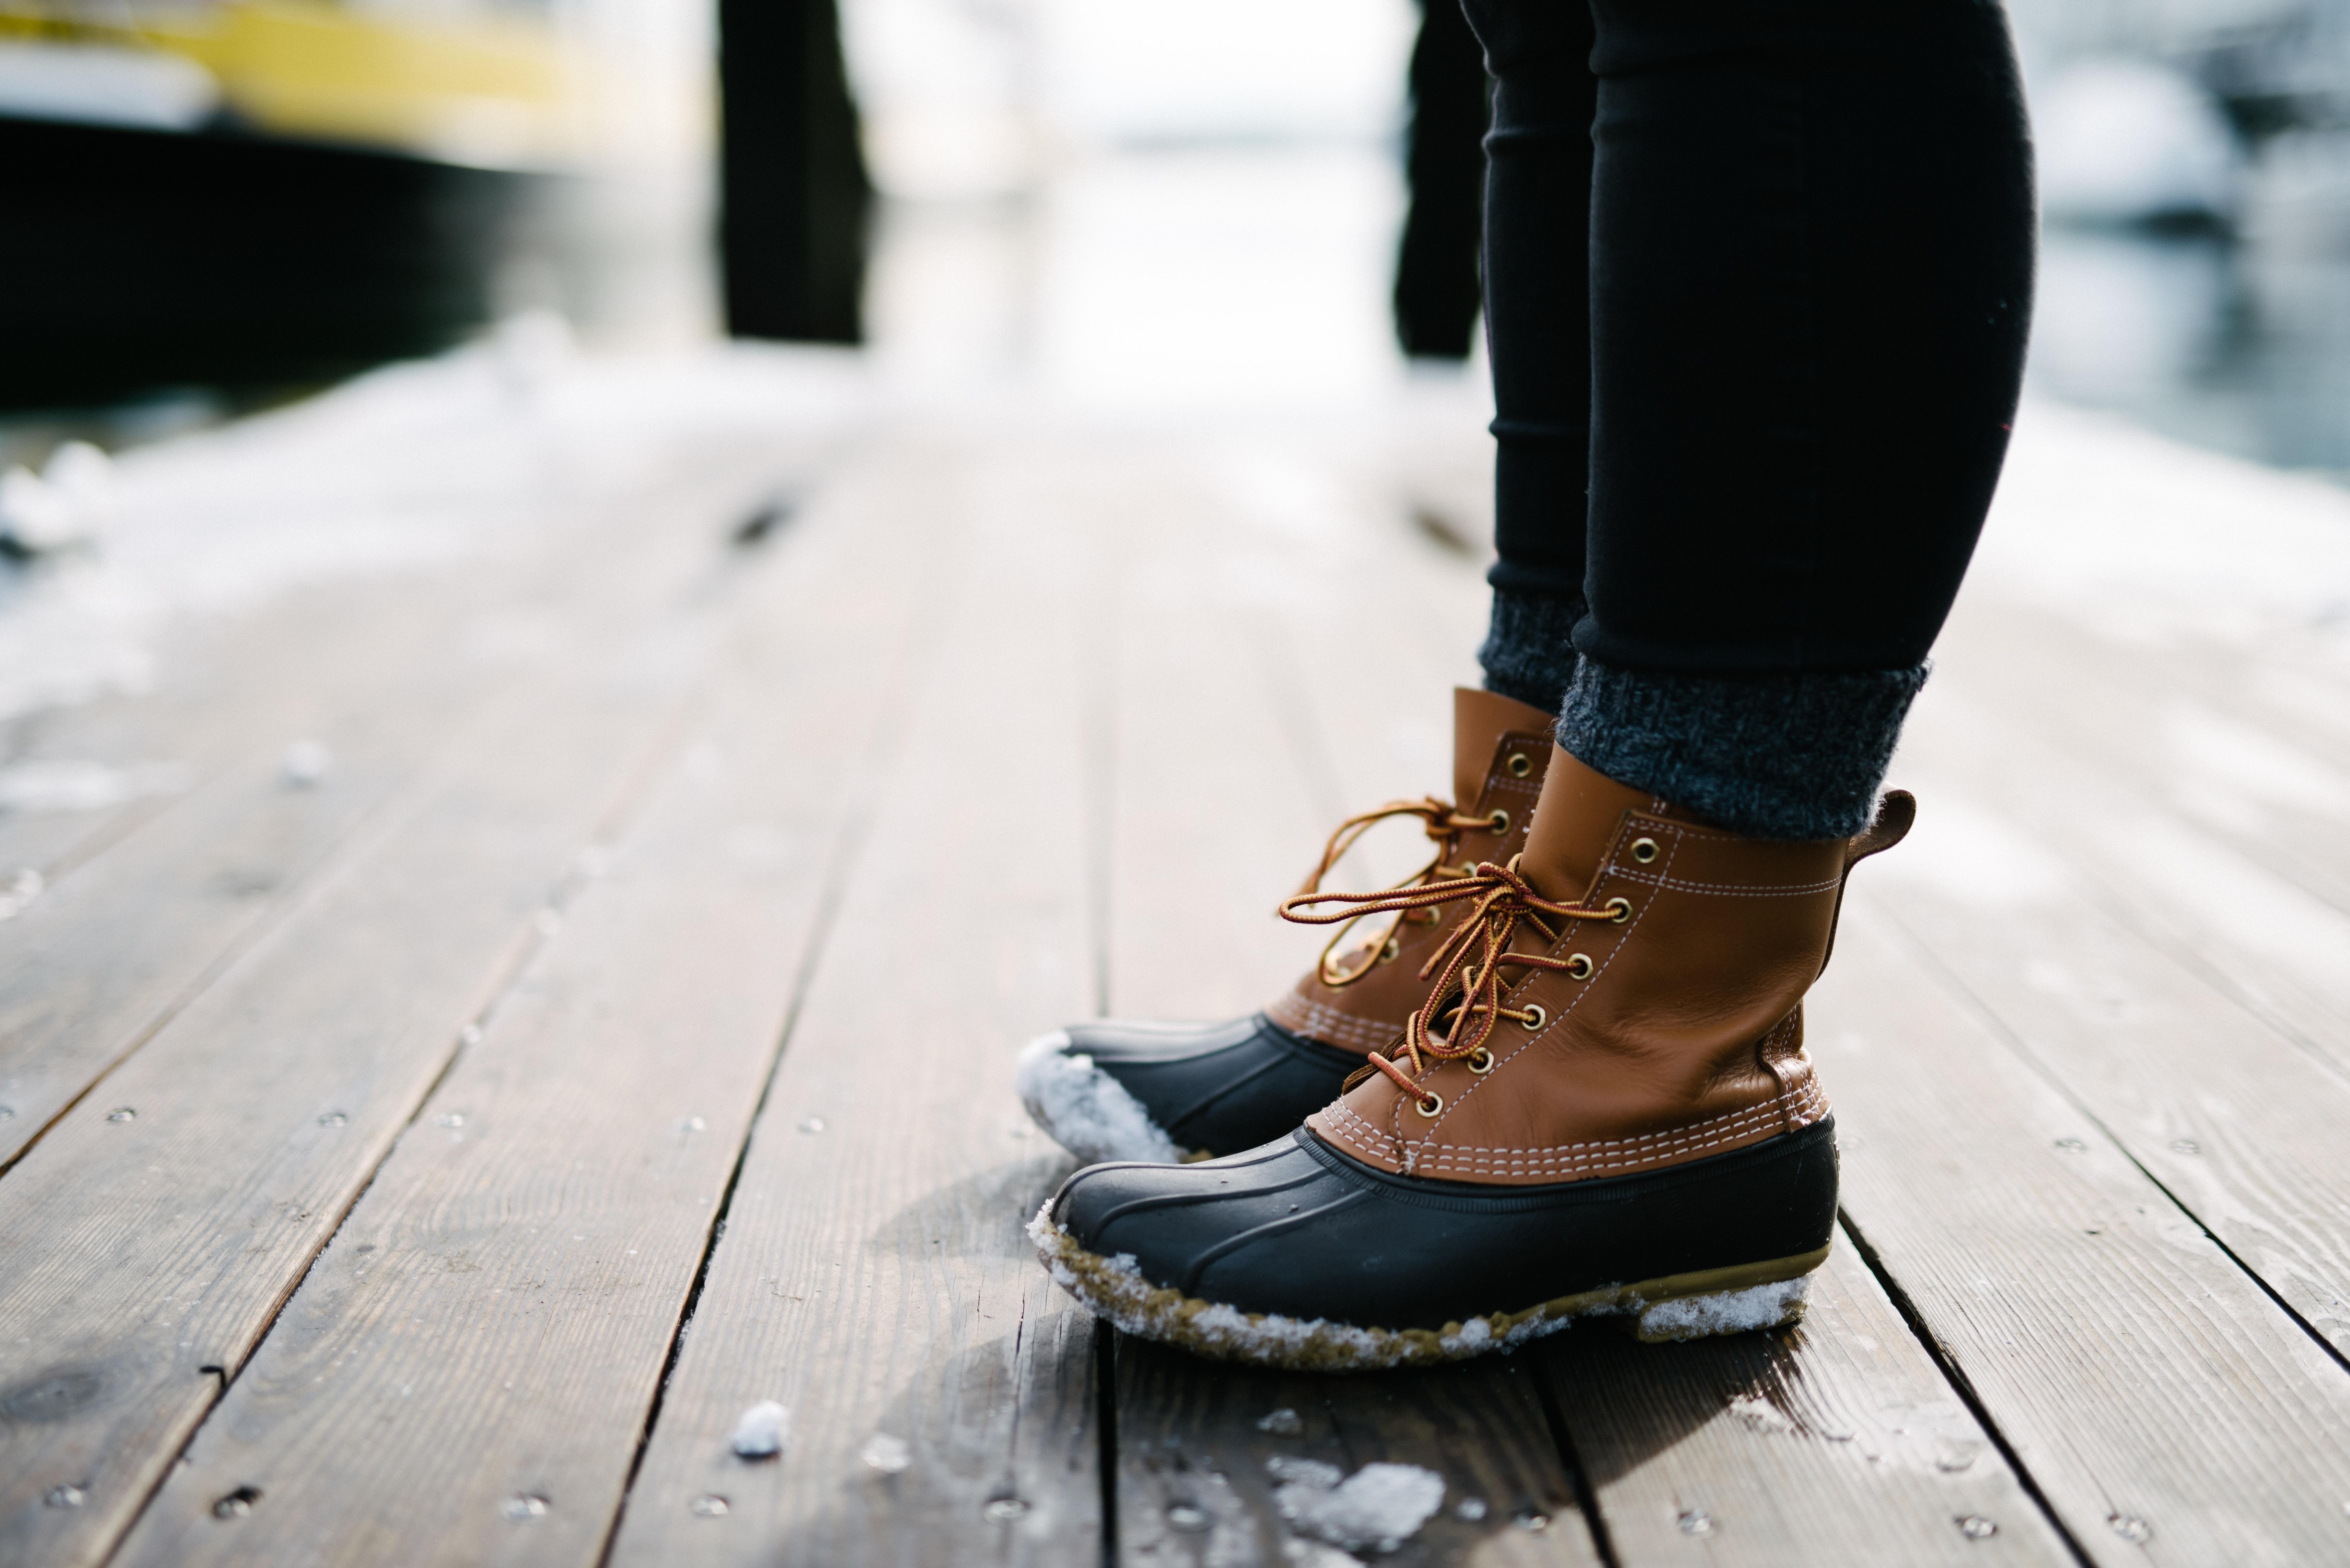 encanto de costo atarse en mejores zapatillas de deporte Fotos gratis : al aire libre, zapato, nieve, frío, invierno ...